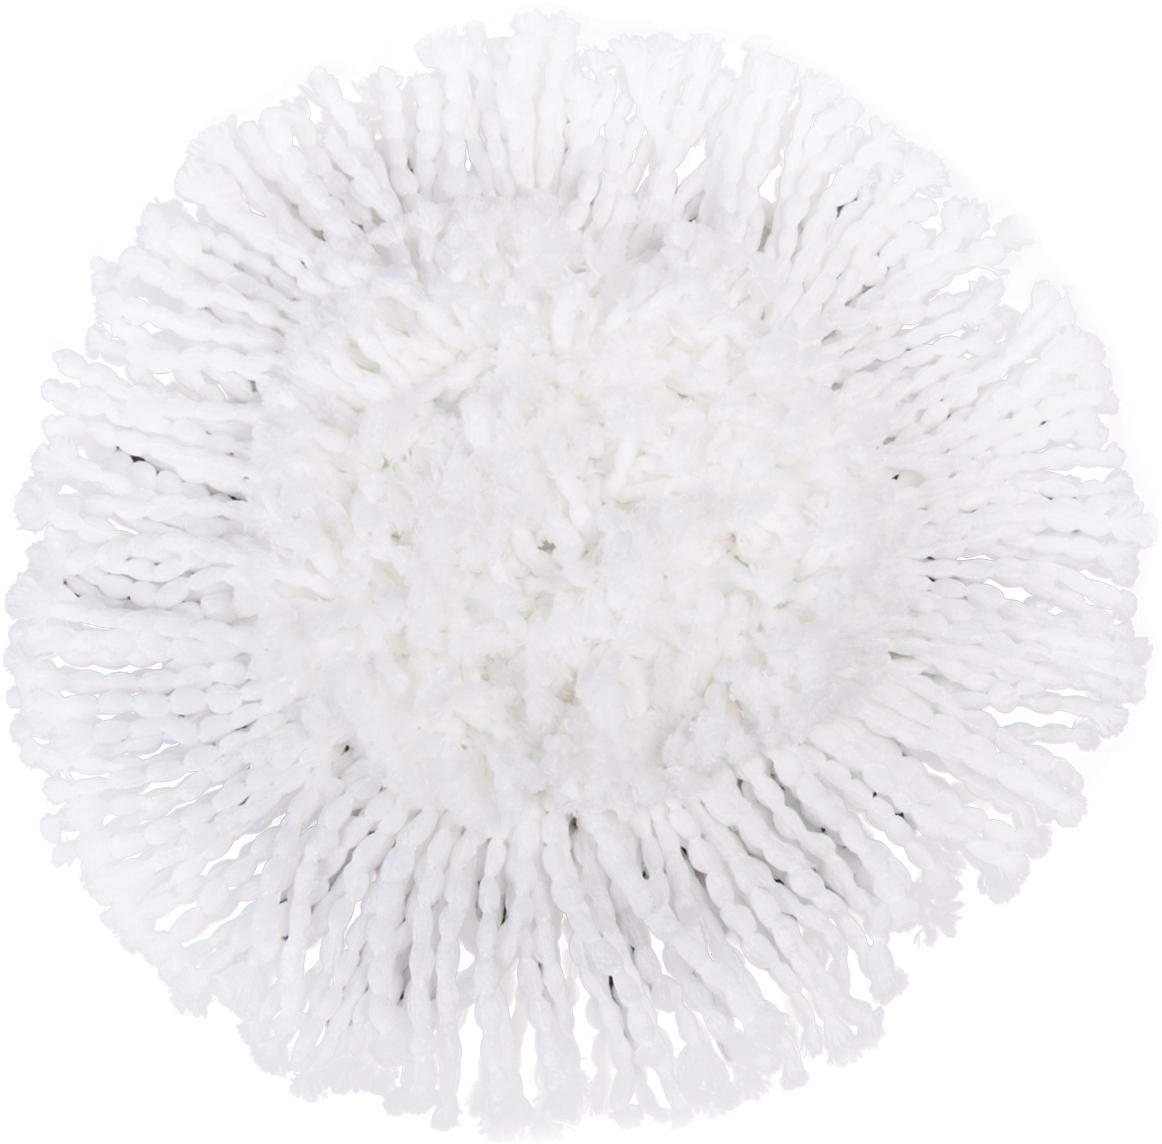 Насадка для швабры Лайма Моп, на липучке, цвет: белый, диаметр 16 см601487Круглая насадка с длинным ворсом ТМ Лайма предназначена для проведения влажной уборки. Используется со шваброй из набора для уборки. Изготовлена из микрофибры, крепится к держателю швабры на липучку.